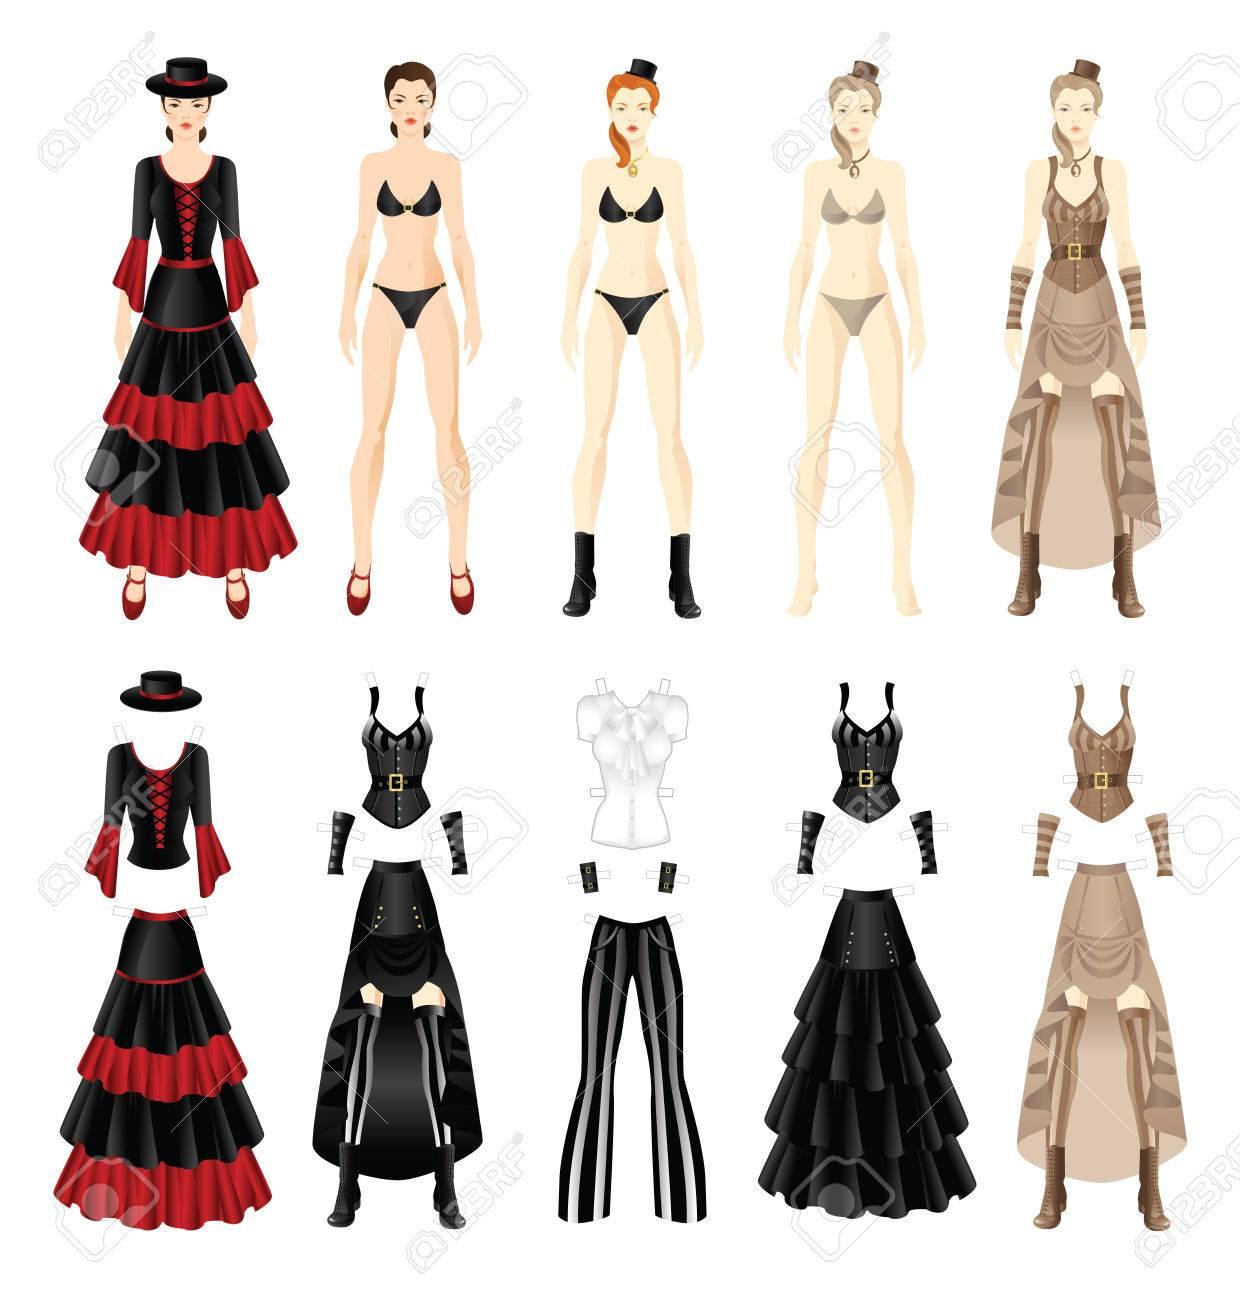 df65608a69bc Archivio Fotografico - Bambola con i vestiti. Set di vestiti di carta modello  di età vittoriana. Set di vestiti di carta modello di ballerina di flamenco.